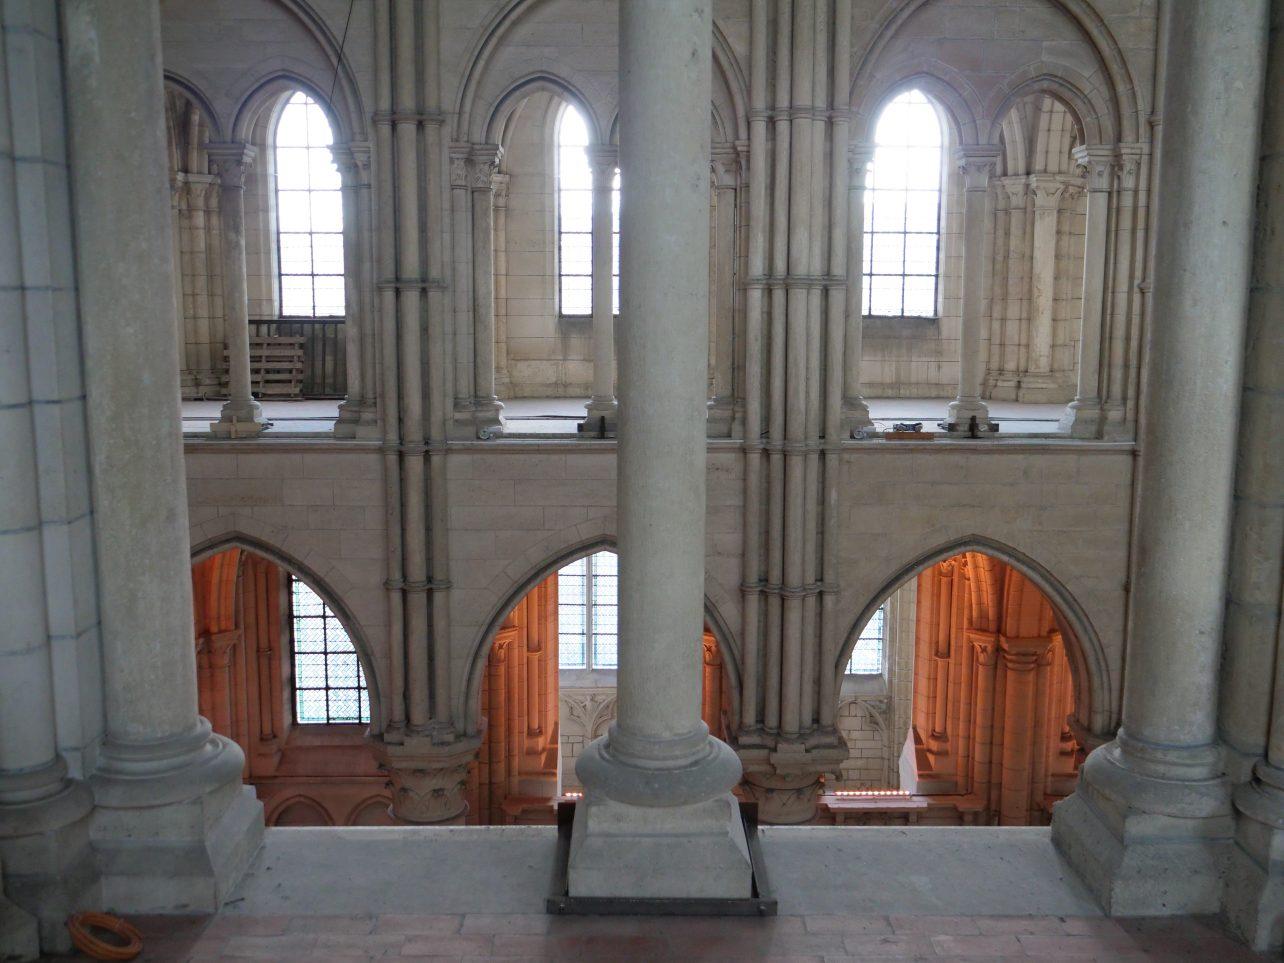 L'intérieur de la cathédrale de Laon